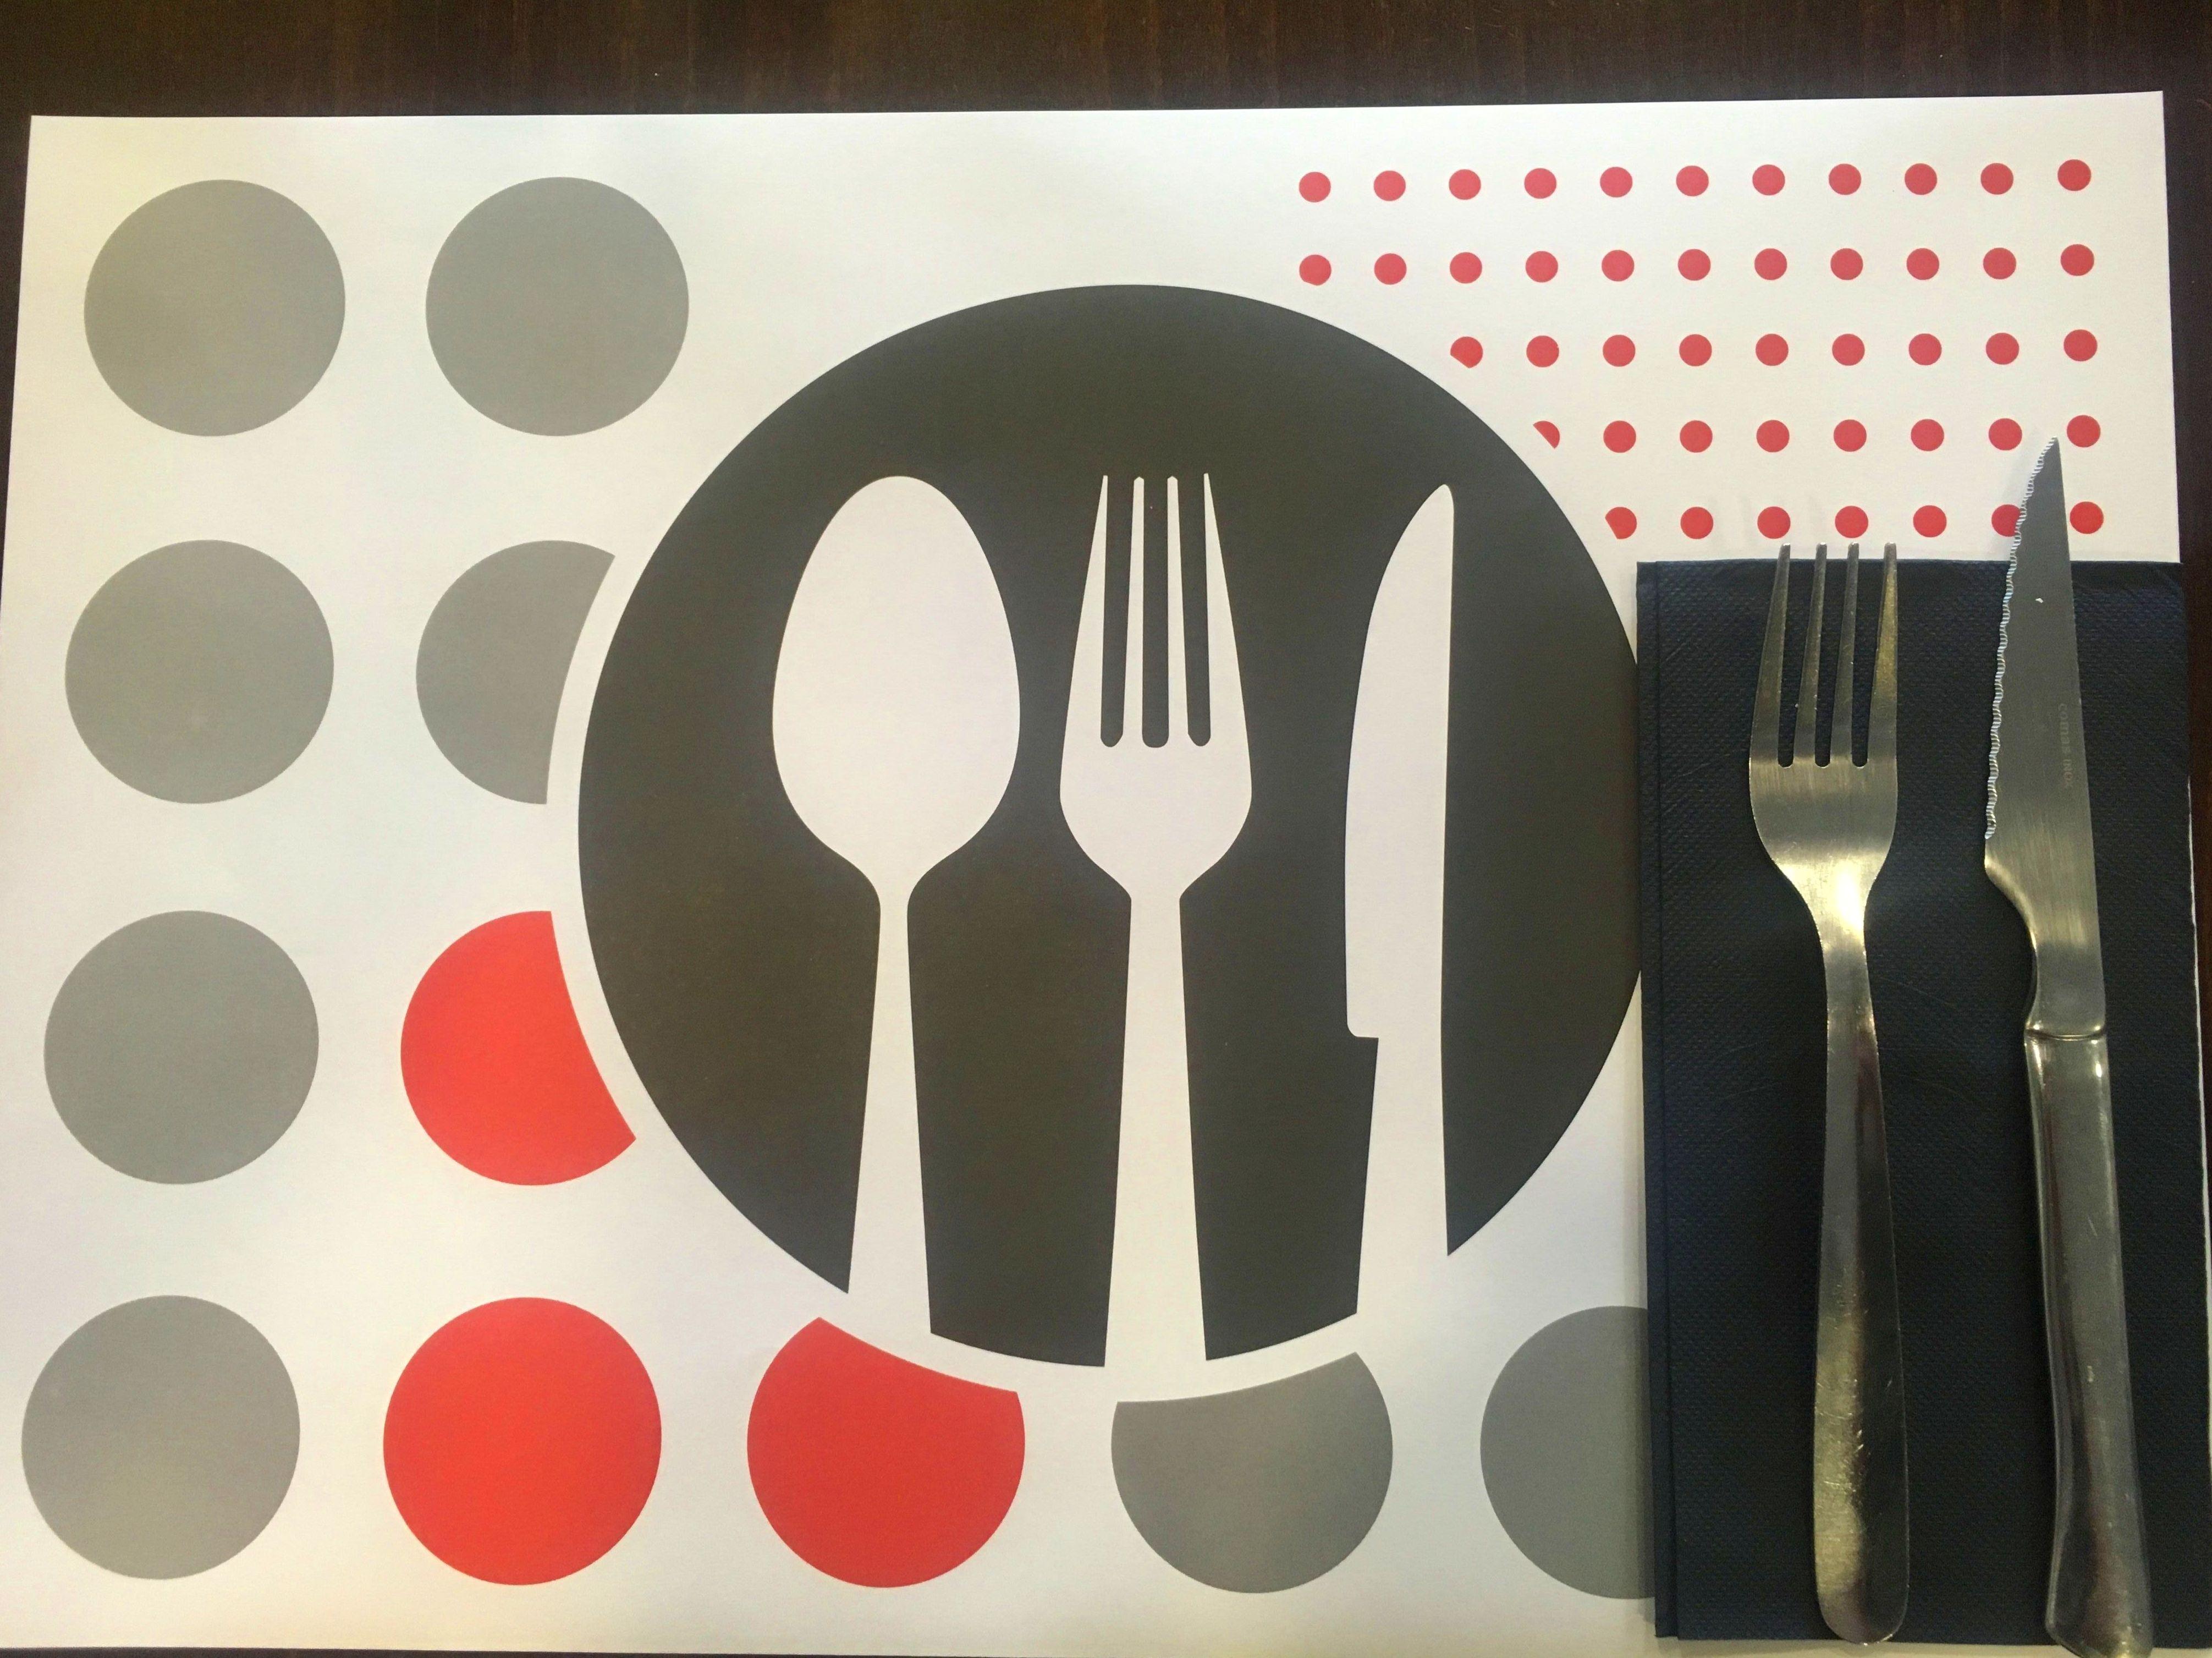 menú del dia en las tablas. comida casera. menú del día barato